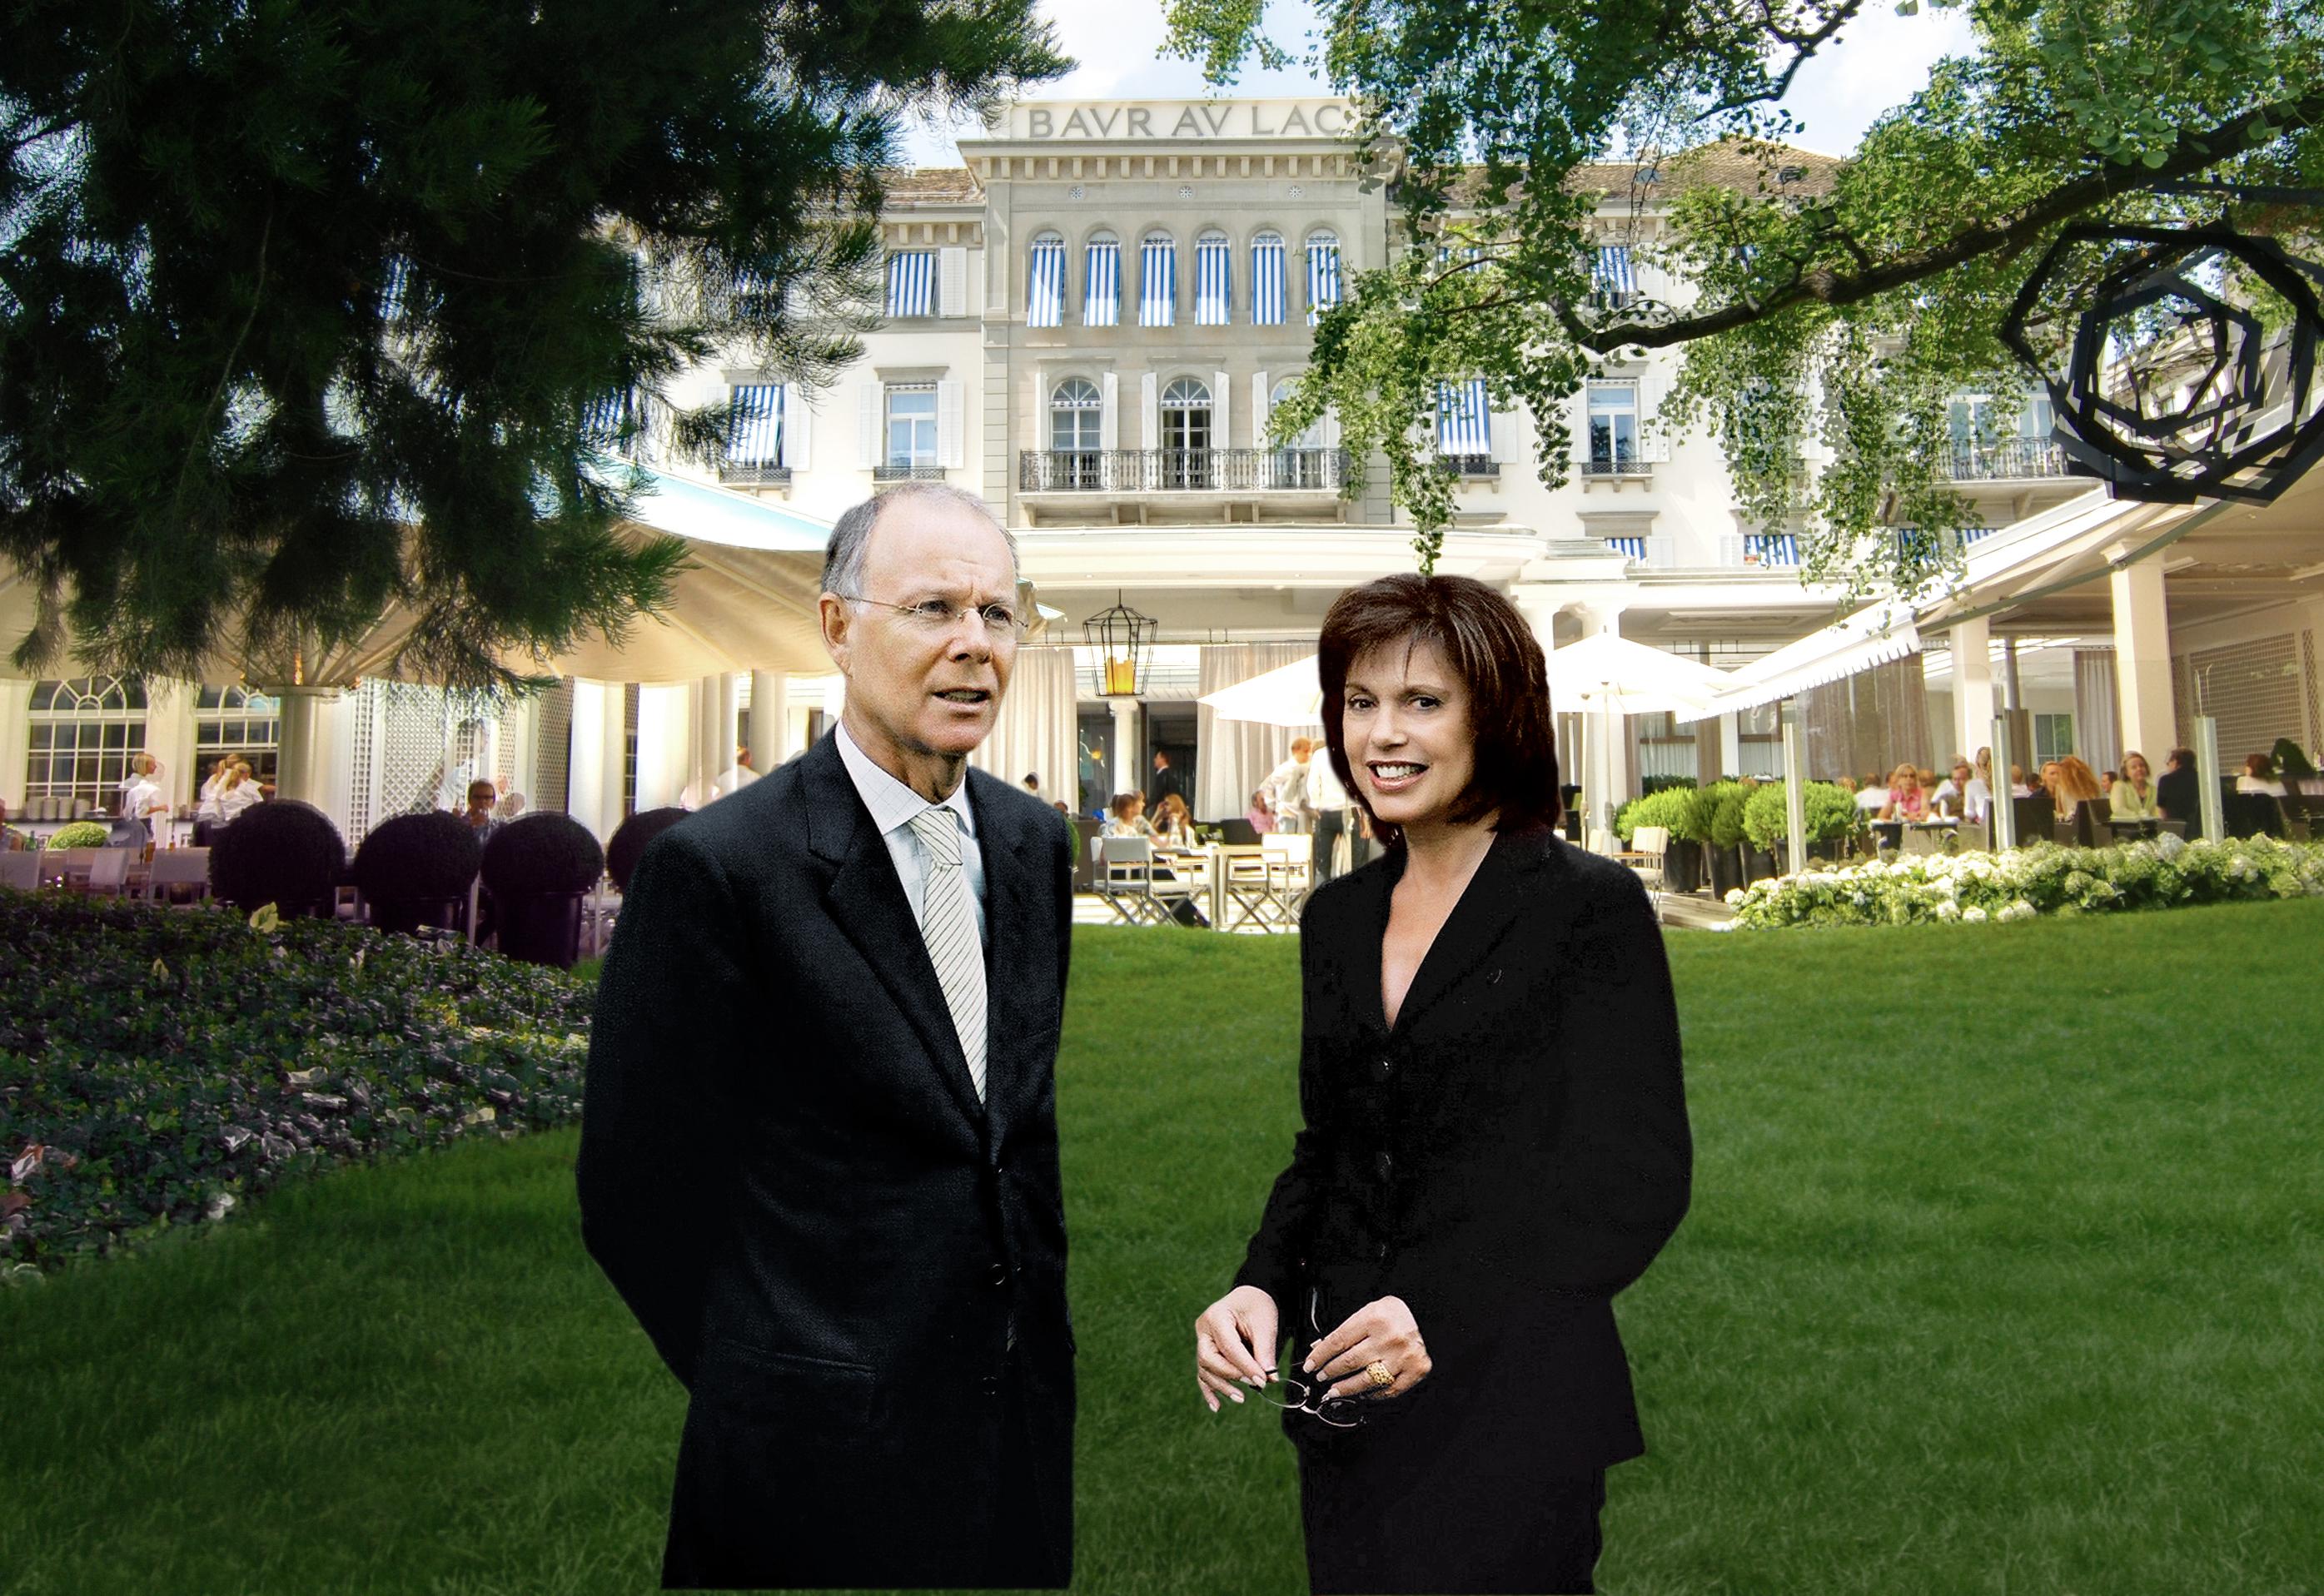 """GaultMillau Schweiz zeichnet Baur-au-Lac-Hoteldirektor Michel Rey mit der Ehrung """"Hotelier des Jahres 2012"""" aus"""